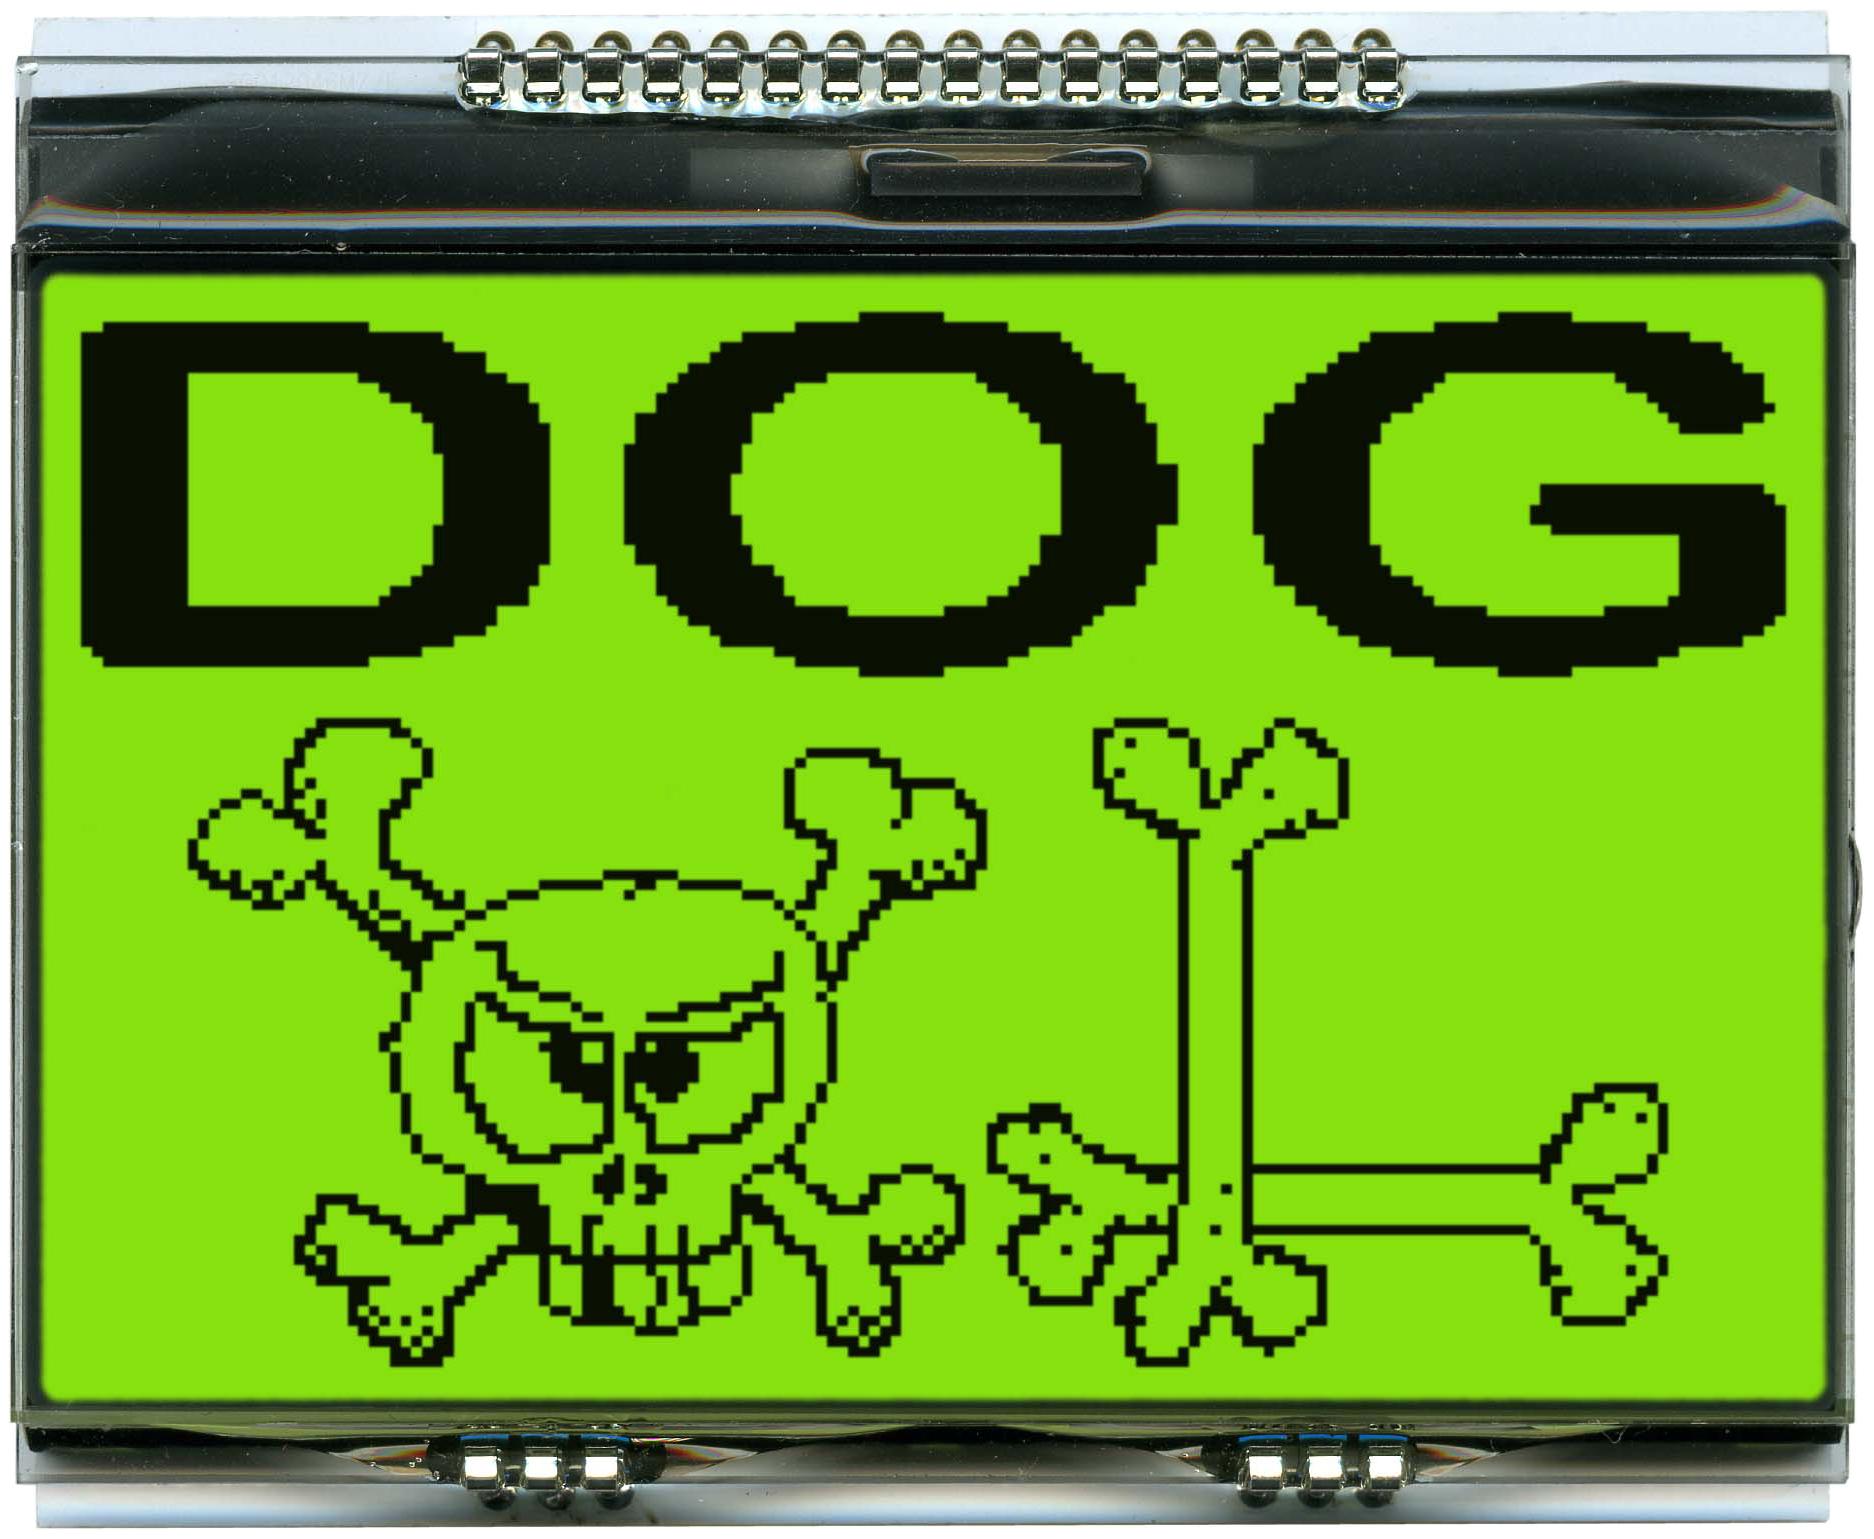 160x104 DOG Grafikdisplay, FSTN gelb/grün